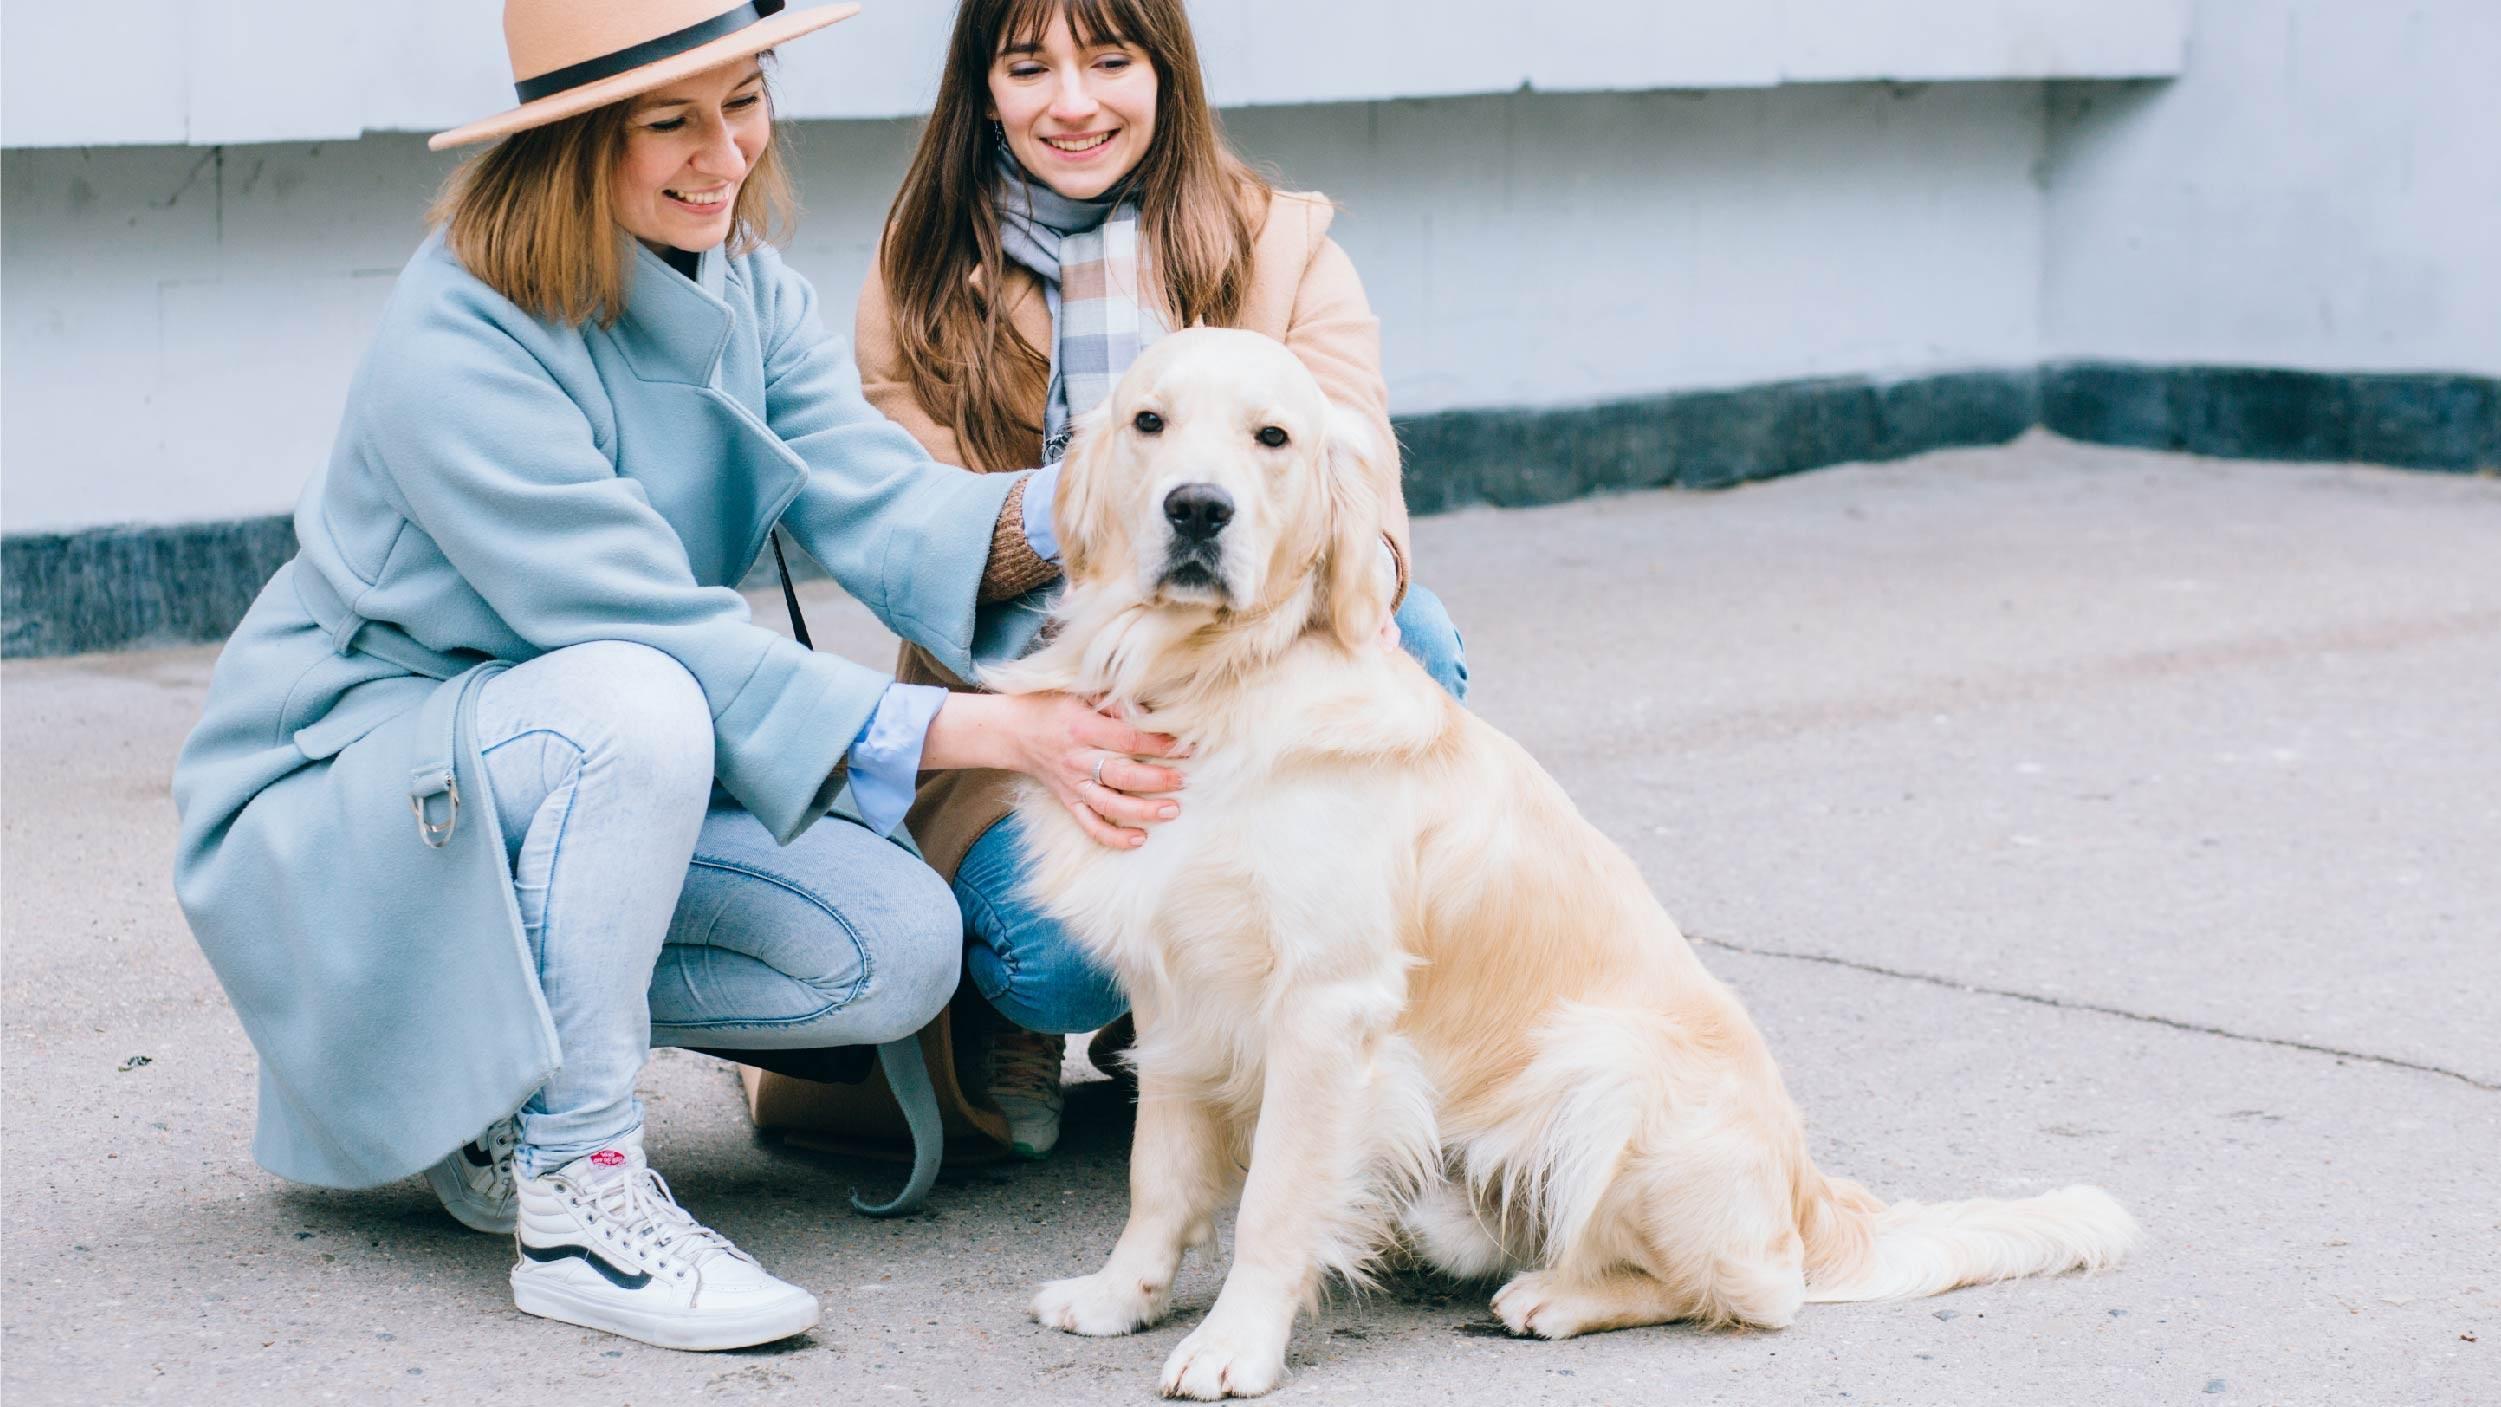 Reinforcing a dog's behavior